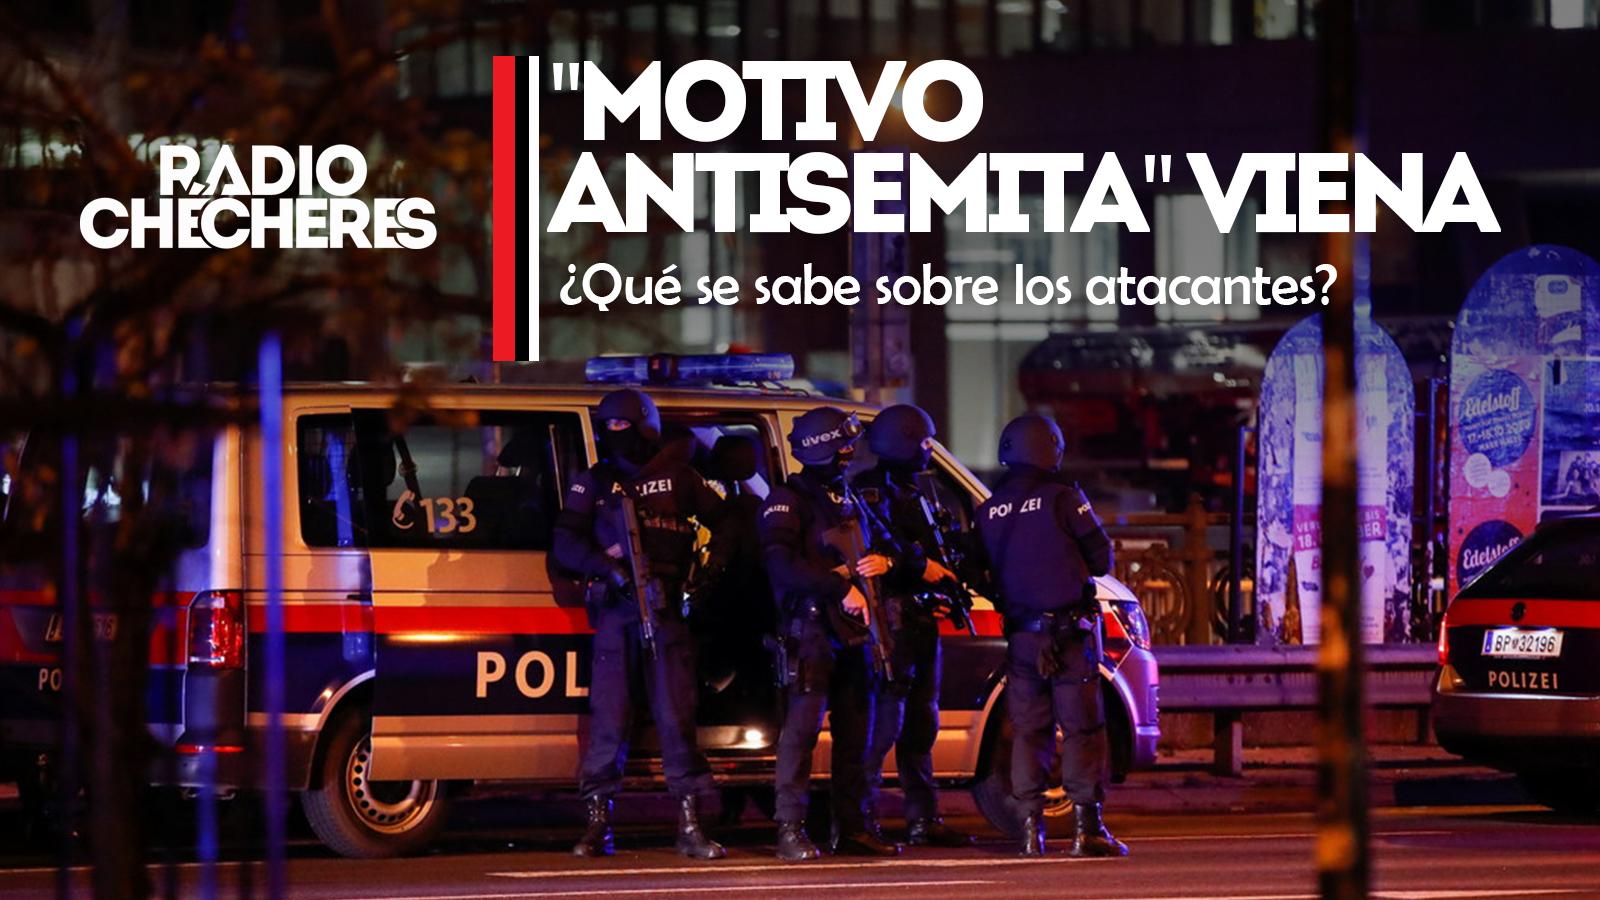 """""""Una lucha entre la civilización y la barbarie"""": Kurz confirma motivos islamistas de ataque en Viena y promete encontrar a autores"""